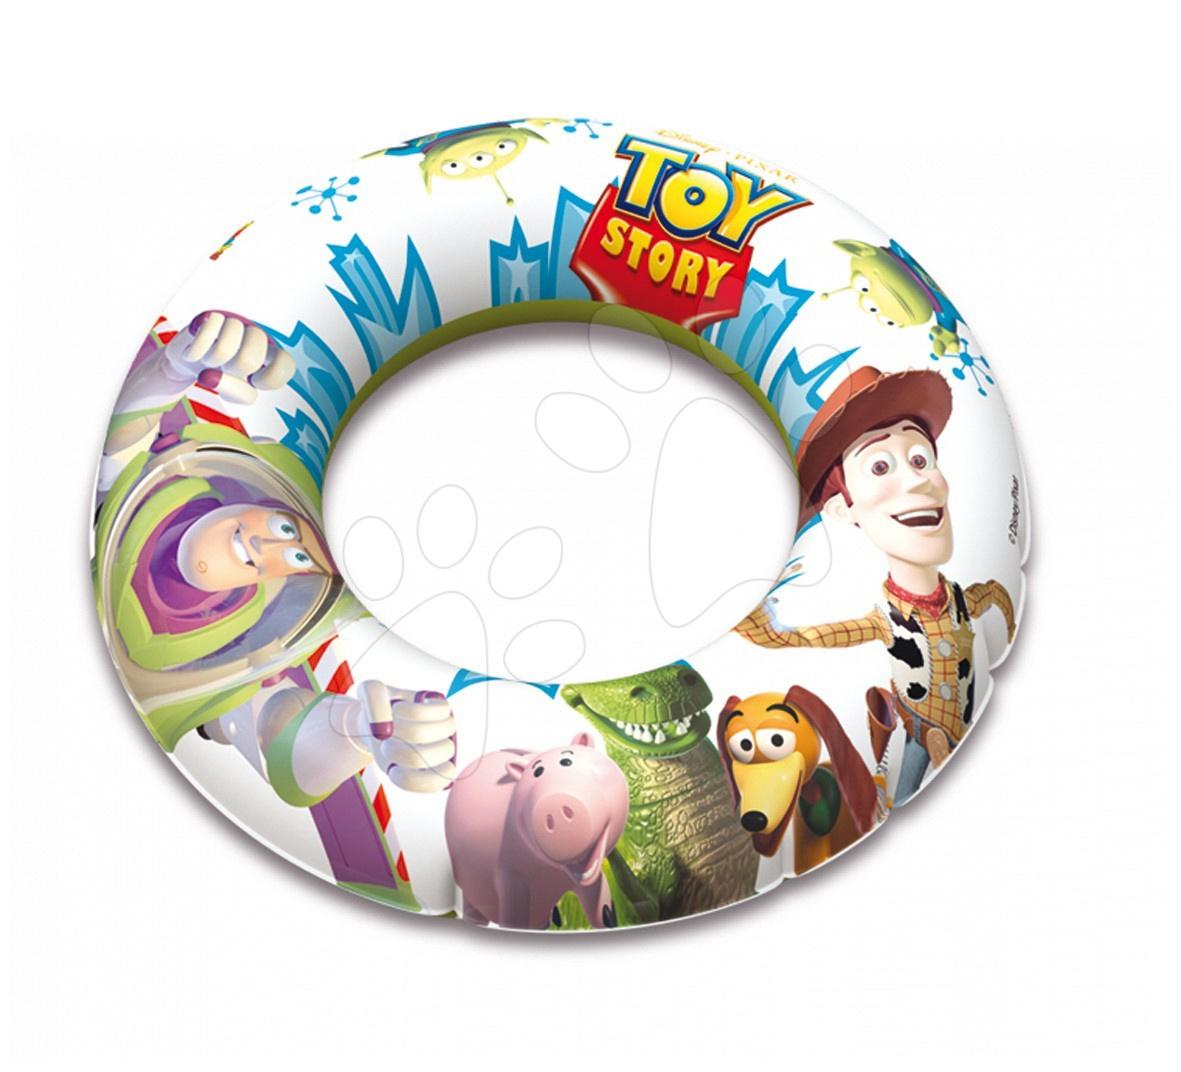 Staré položky - Nafukovací kruh Toy Story Smoby 50 cm